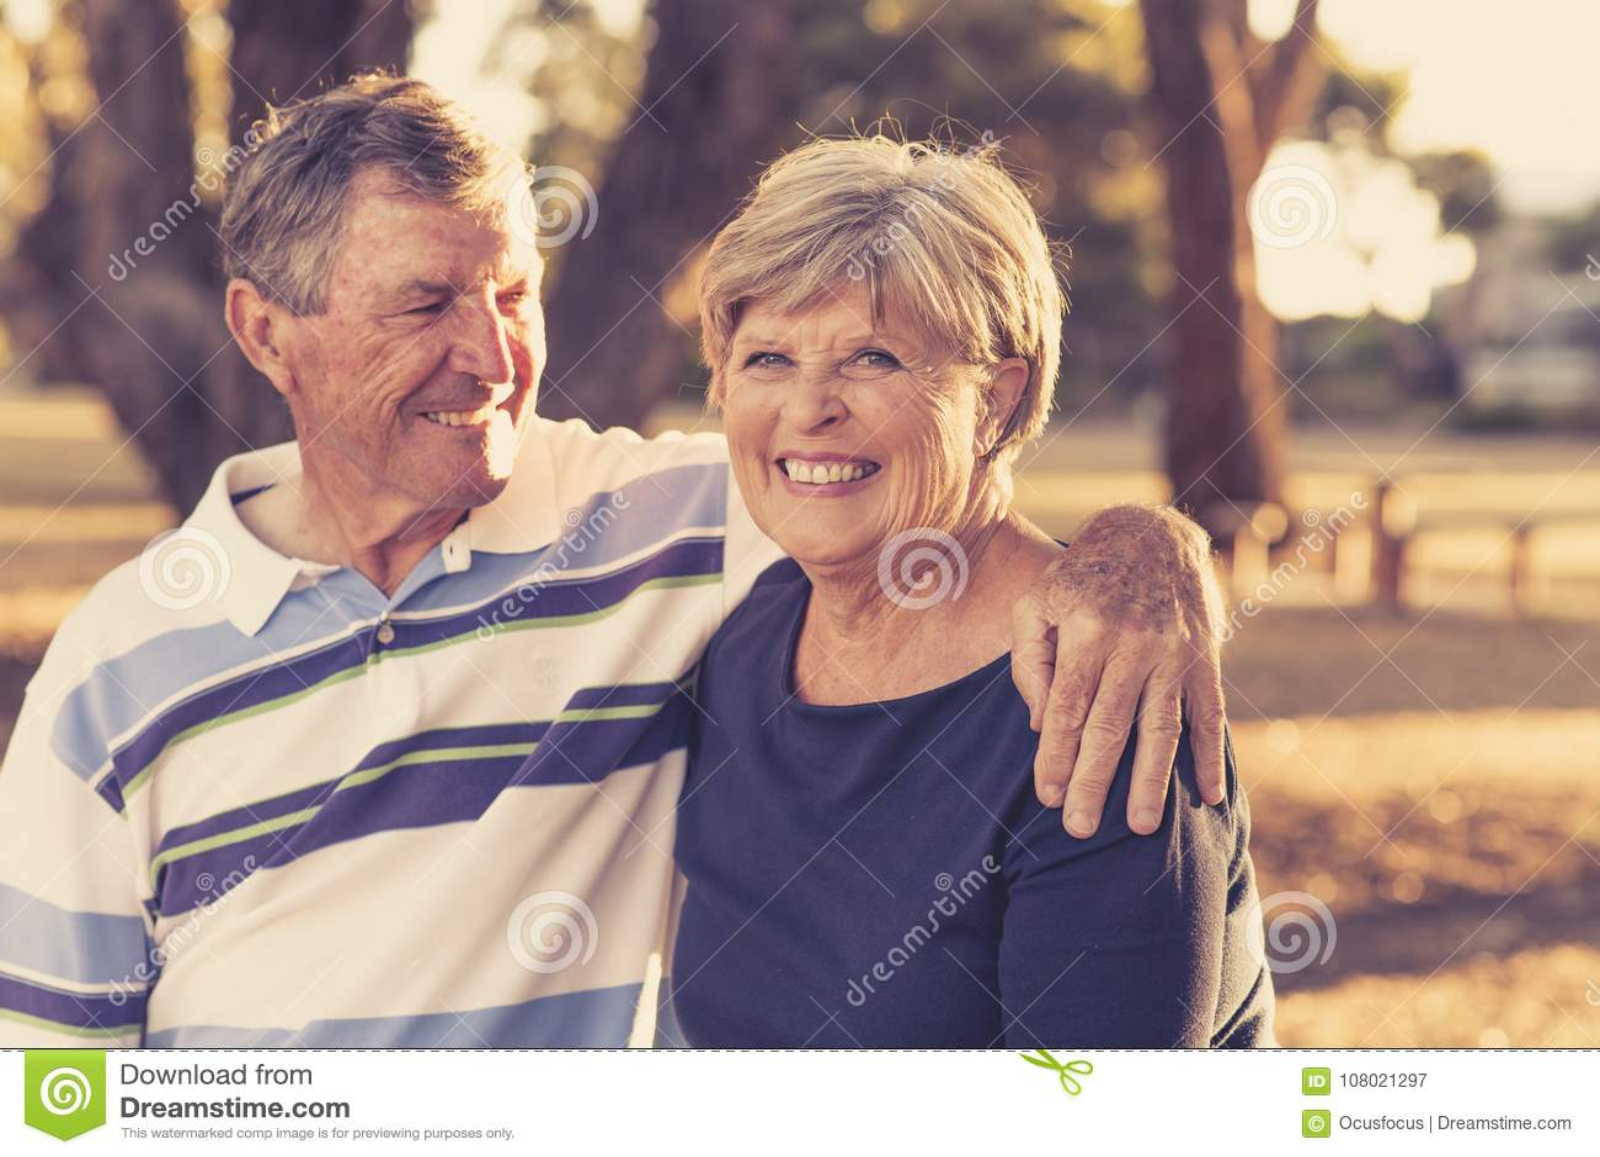 Retrato do filtro do vintage de pares maduros bonitos e felizes superiores americanos ao redor 70 anos smilin mostrando velho de